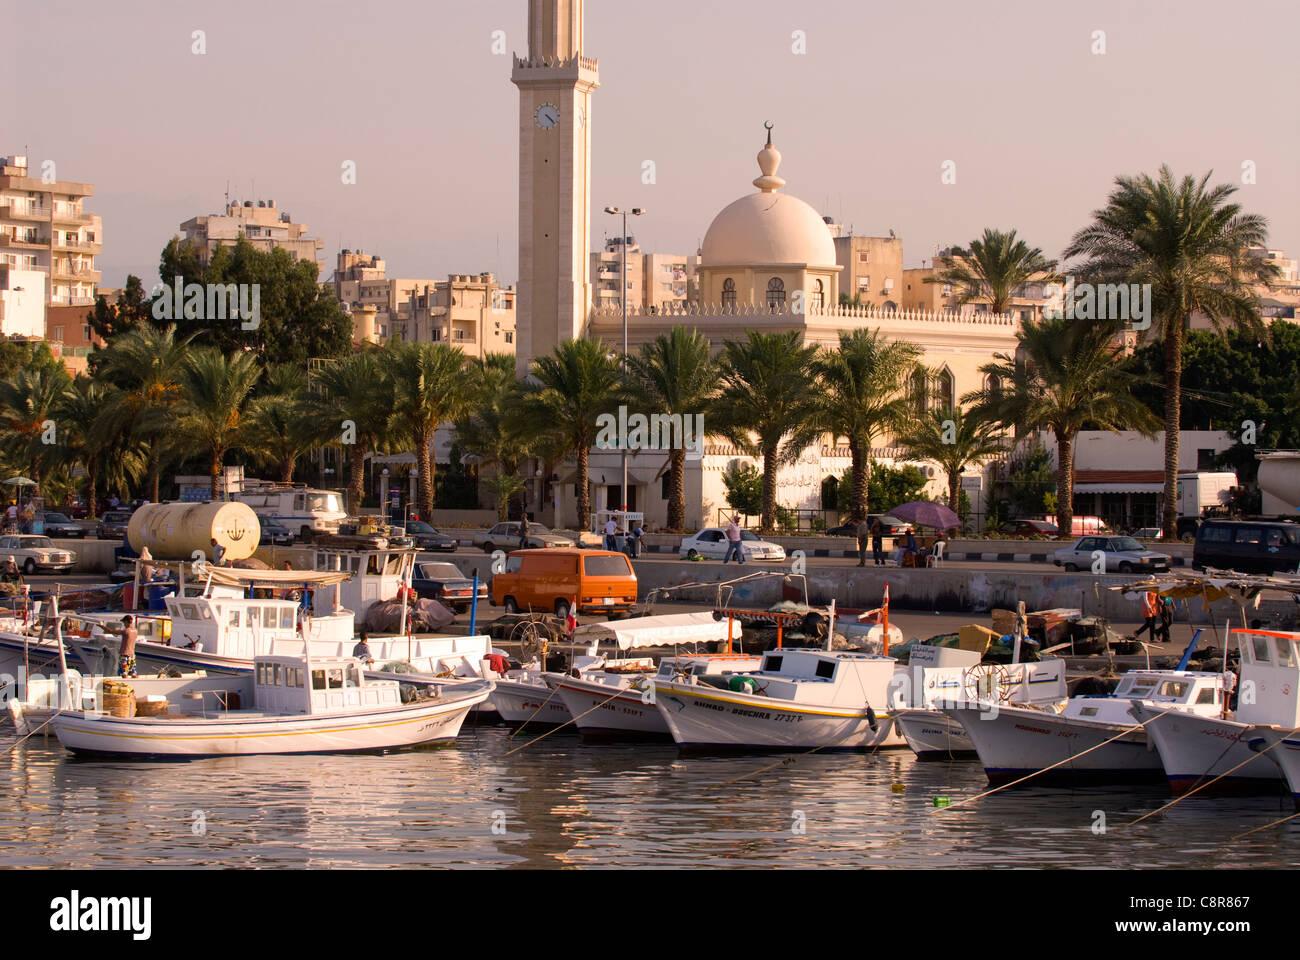 La zona del puerto (Al-Mina), Trípoli (Trablous), al norte del Líbano. Imagen De Stock